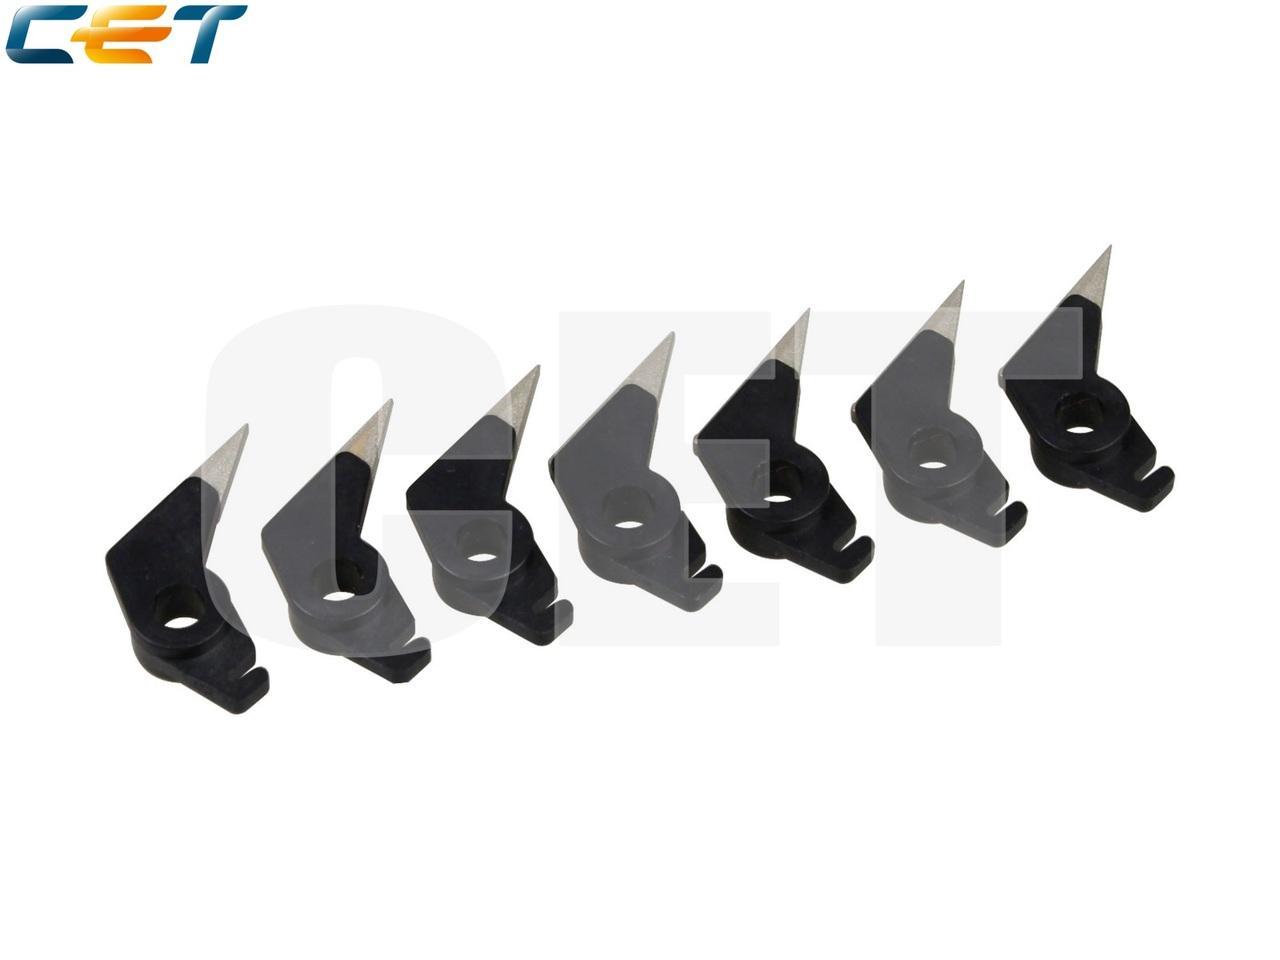 Сепаратор тефлонового вала 2FB20250 для KYOCERAKM-6030/8030, TASKalfa 620/820 (CET), CET7802